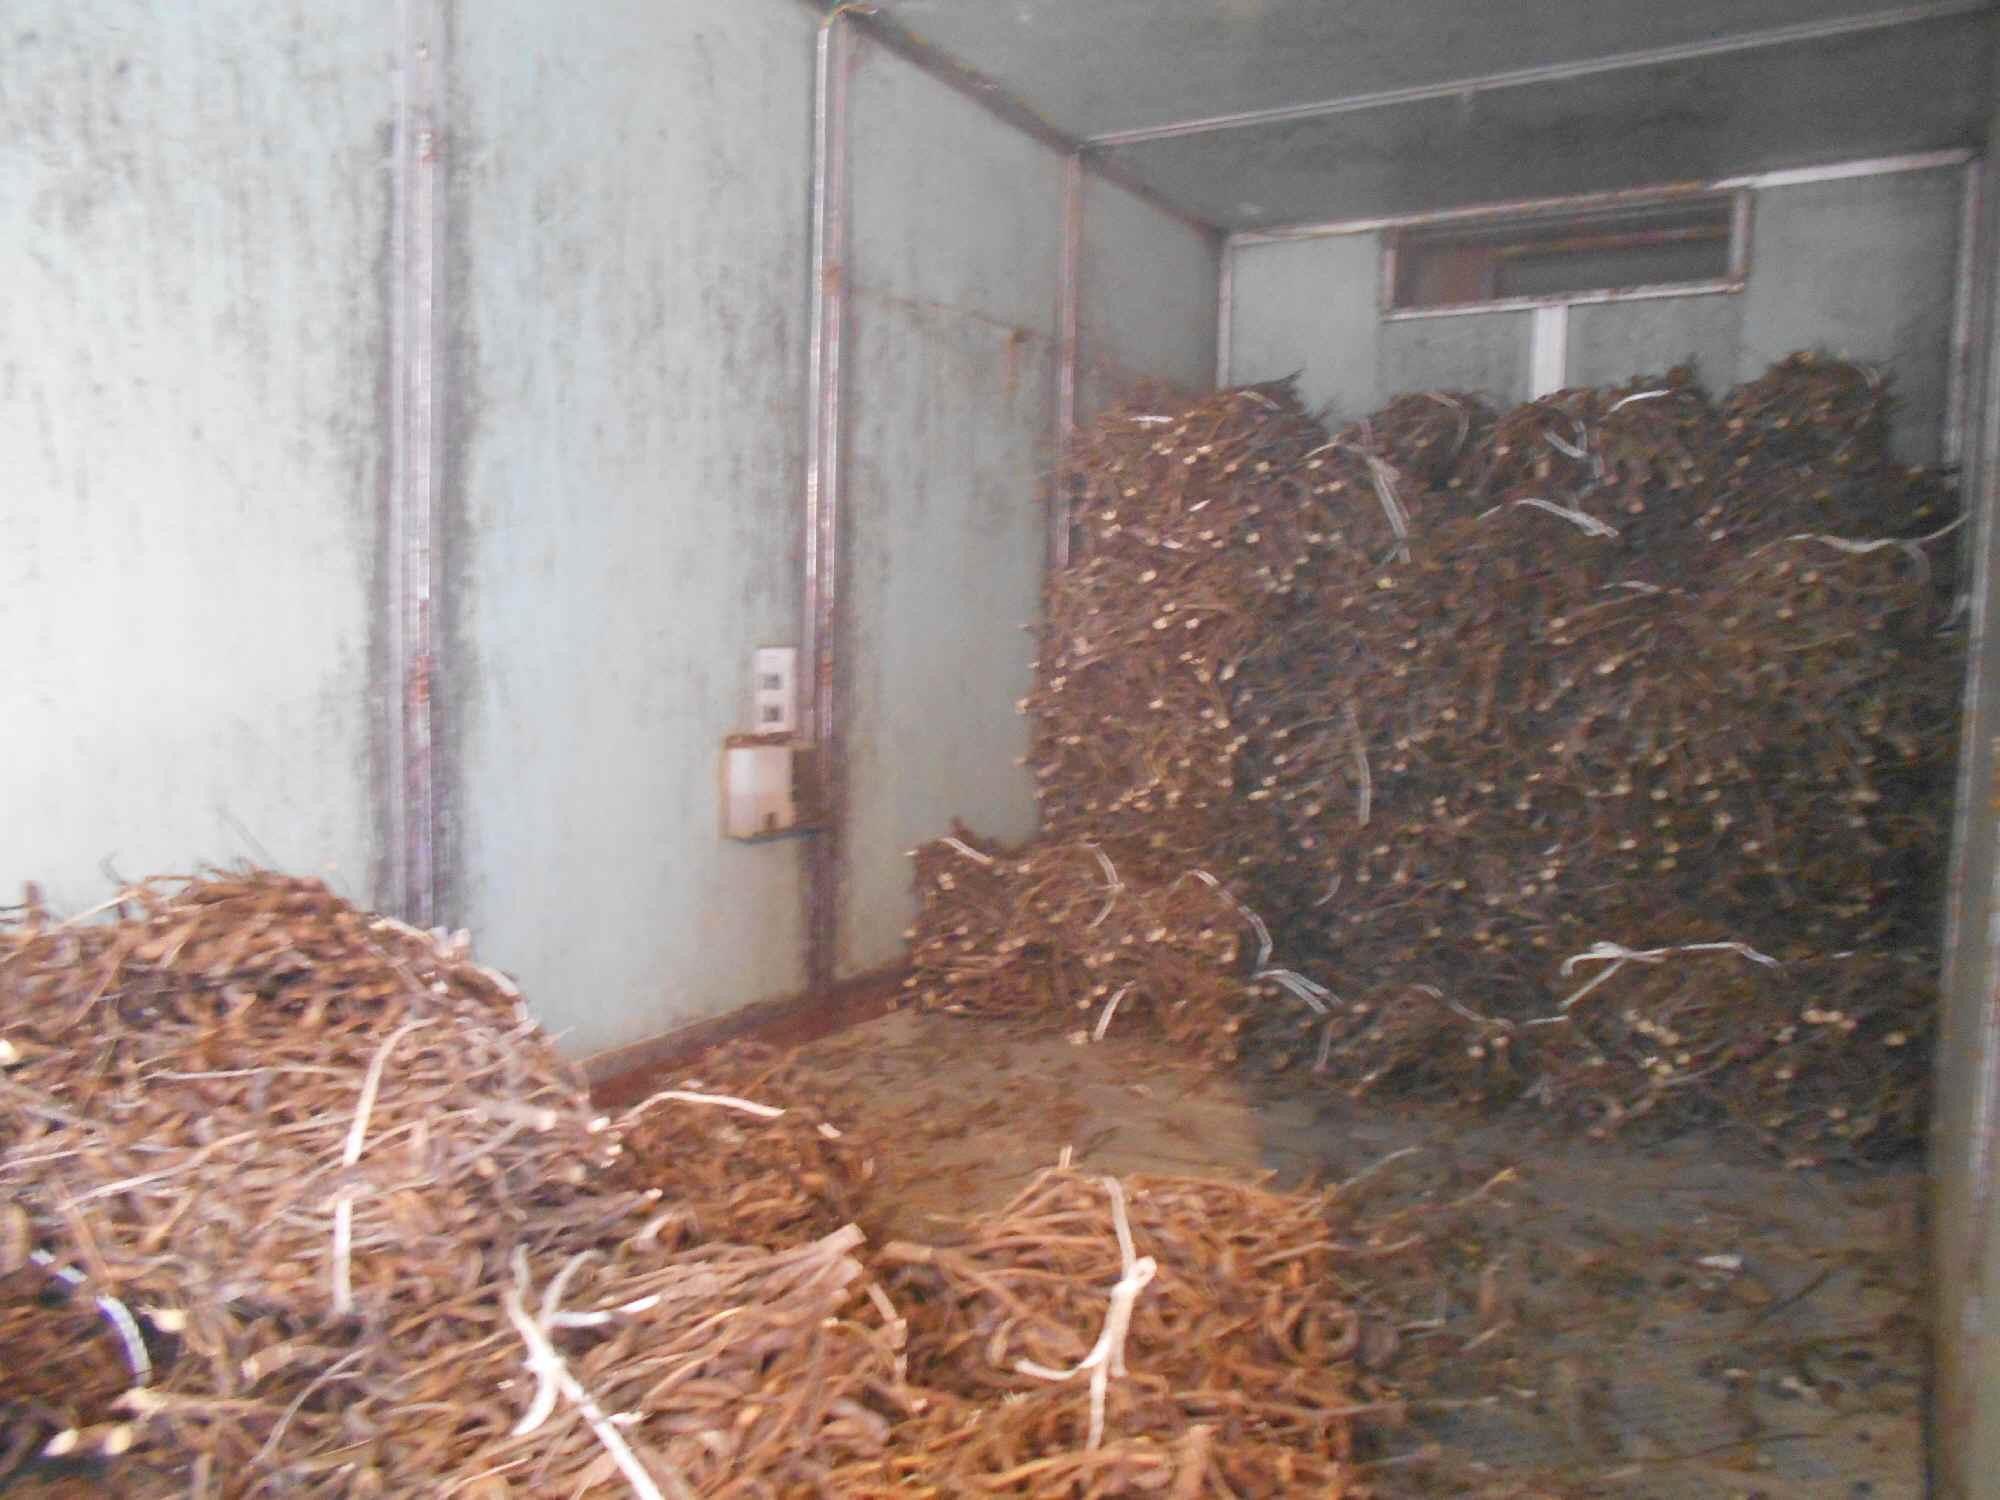 乾燥機の内部。黒大豆は束ねて入れられています。